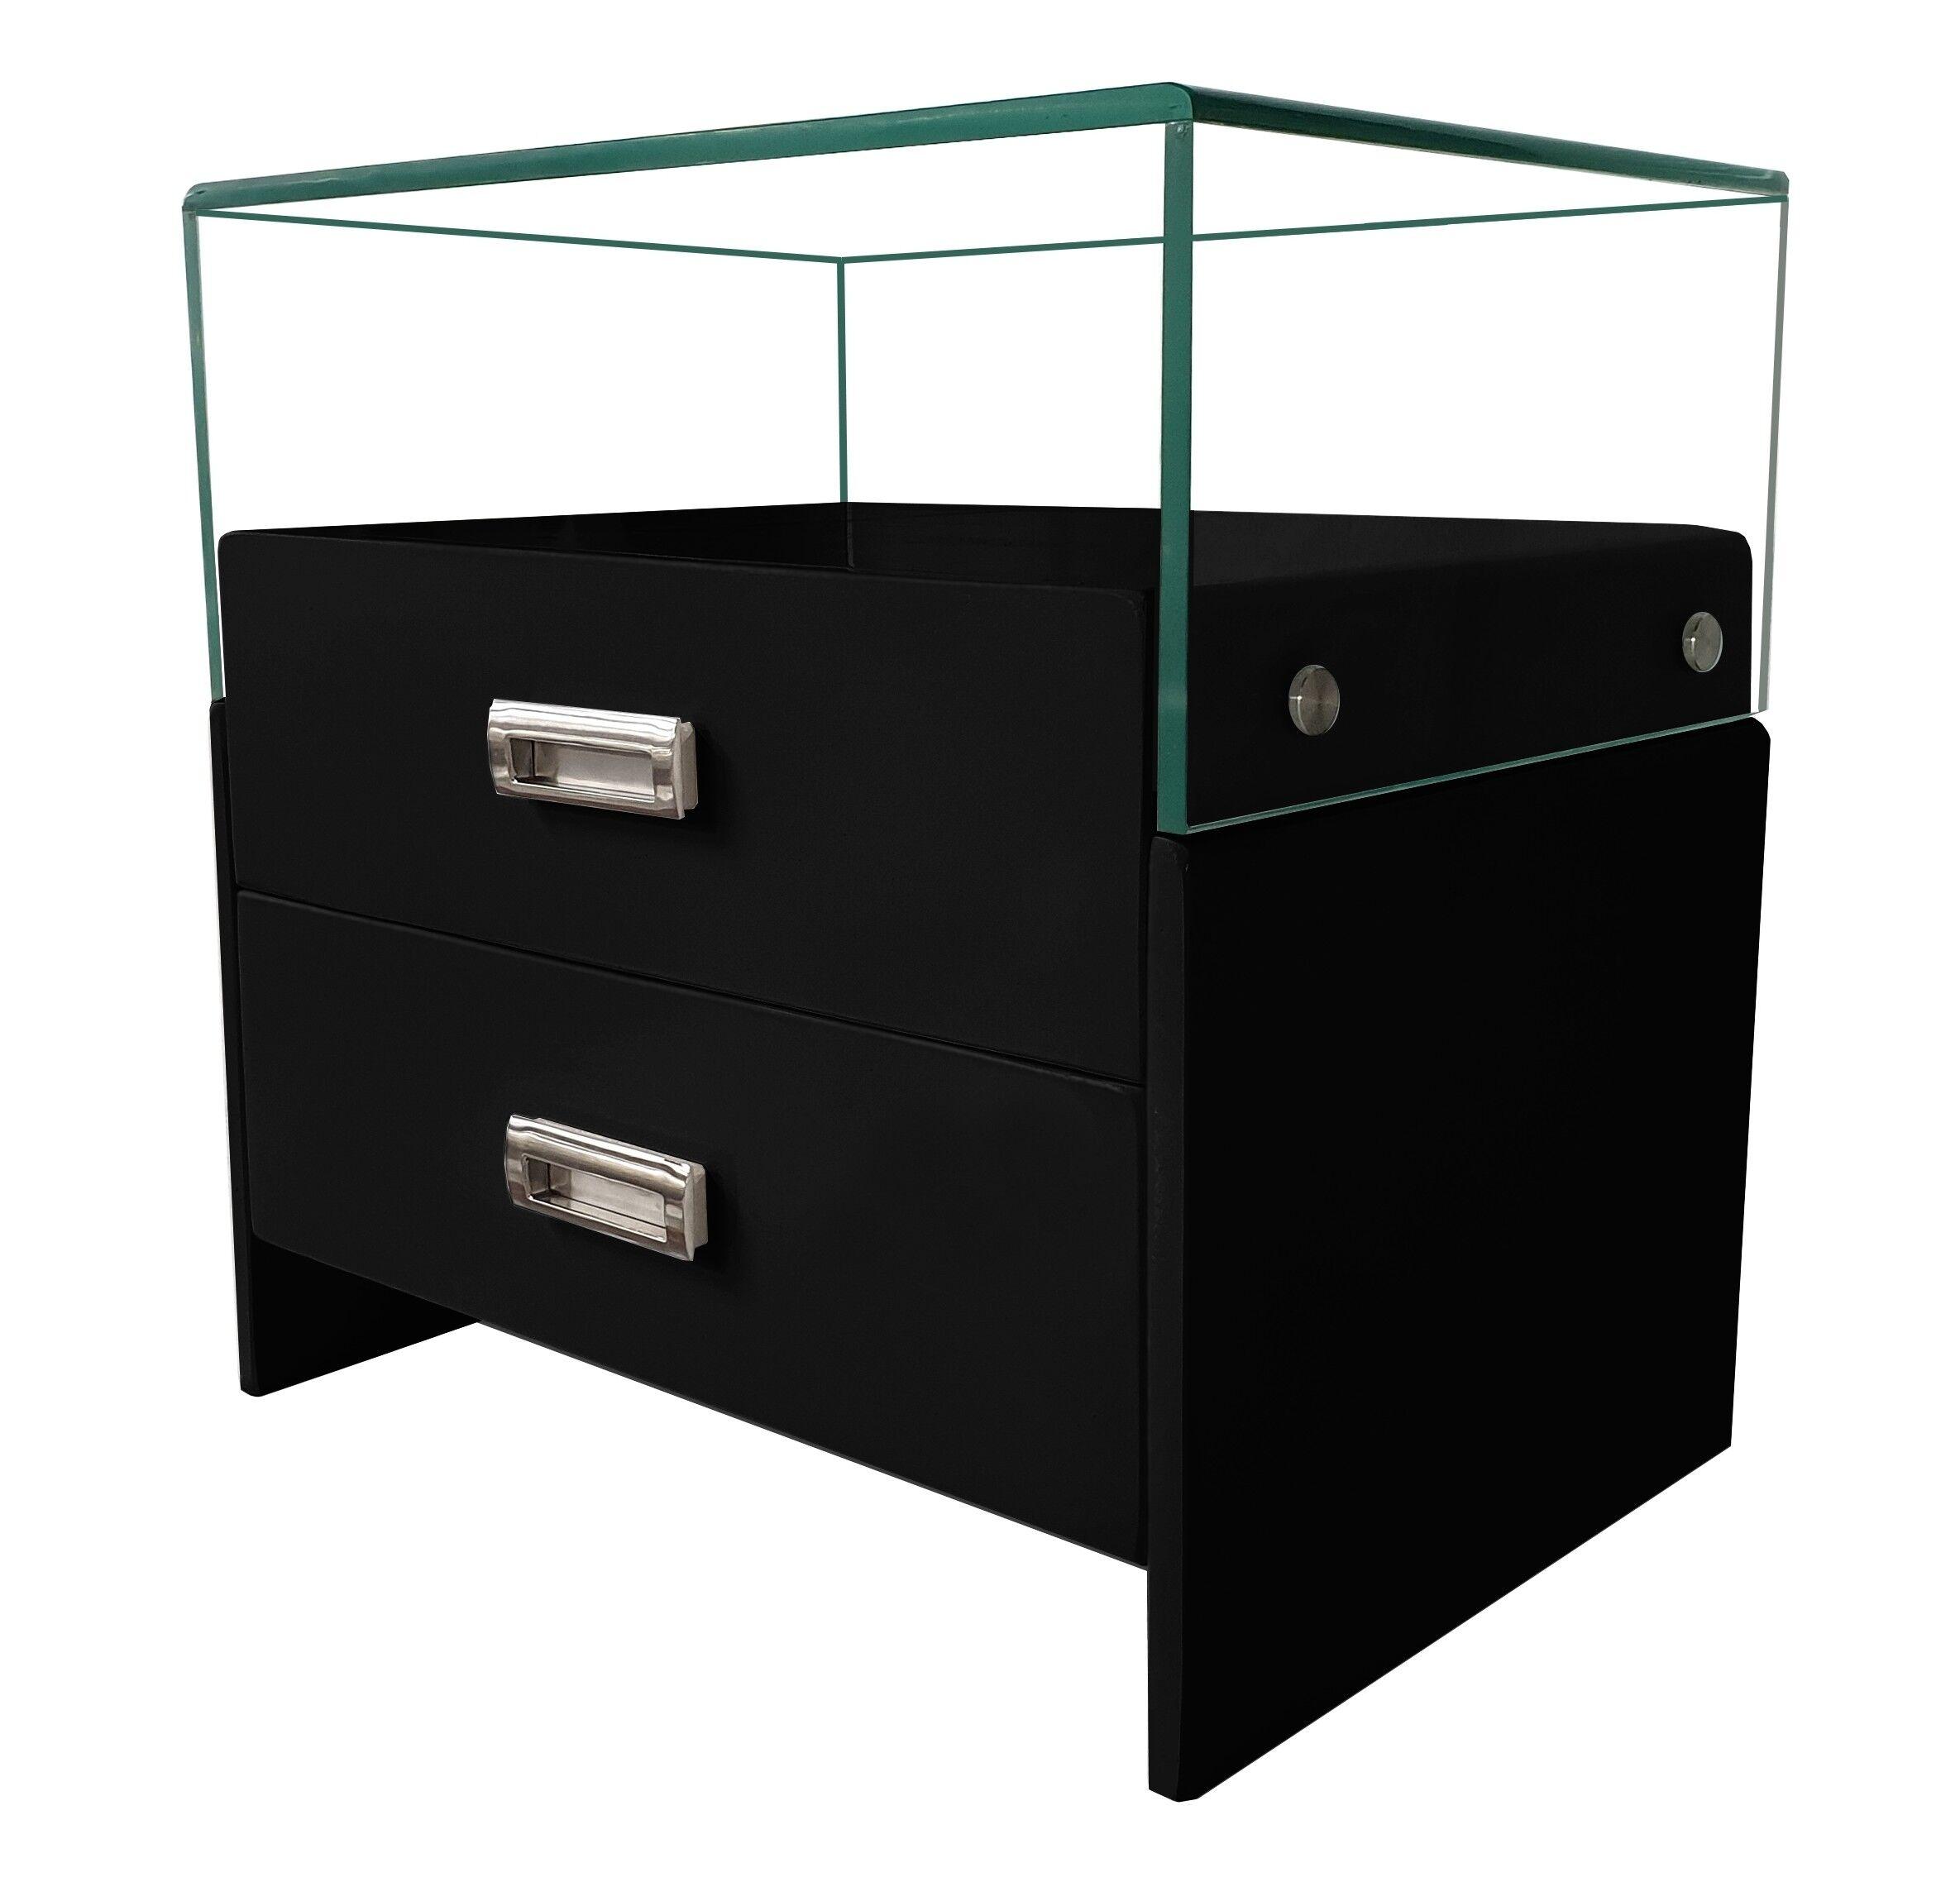 gdegdesign Chevet design bois massif peint noir et verre 2 tiroirs - Jonas